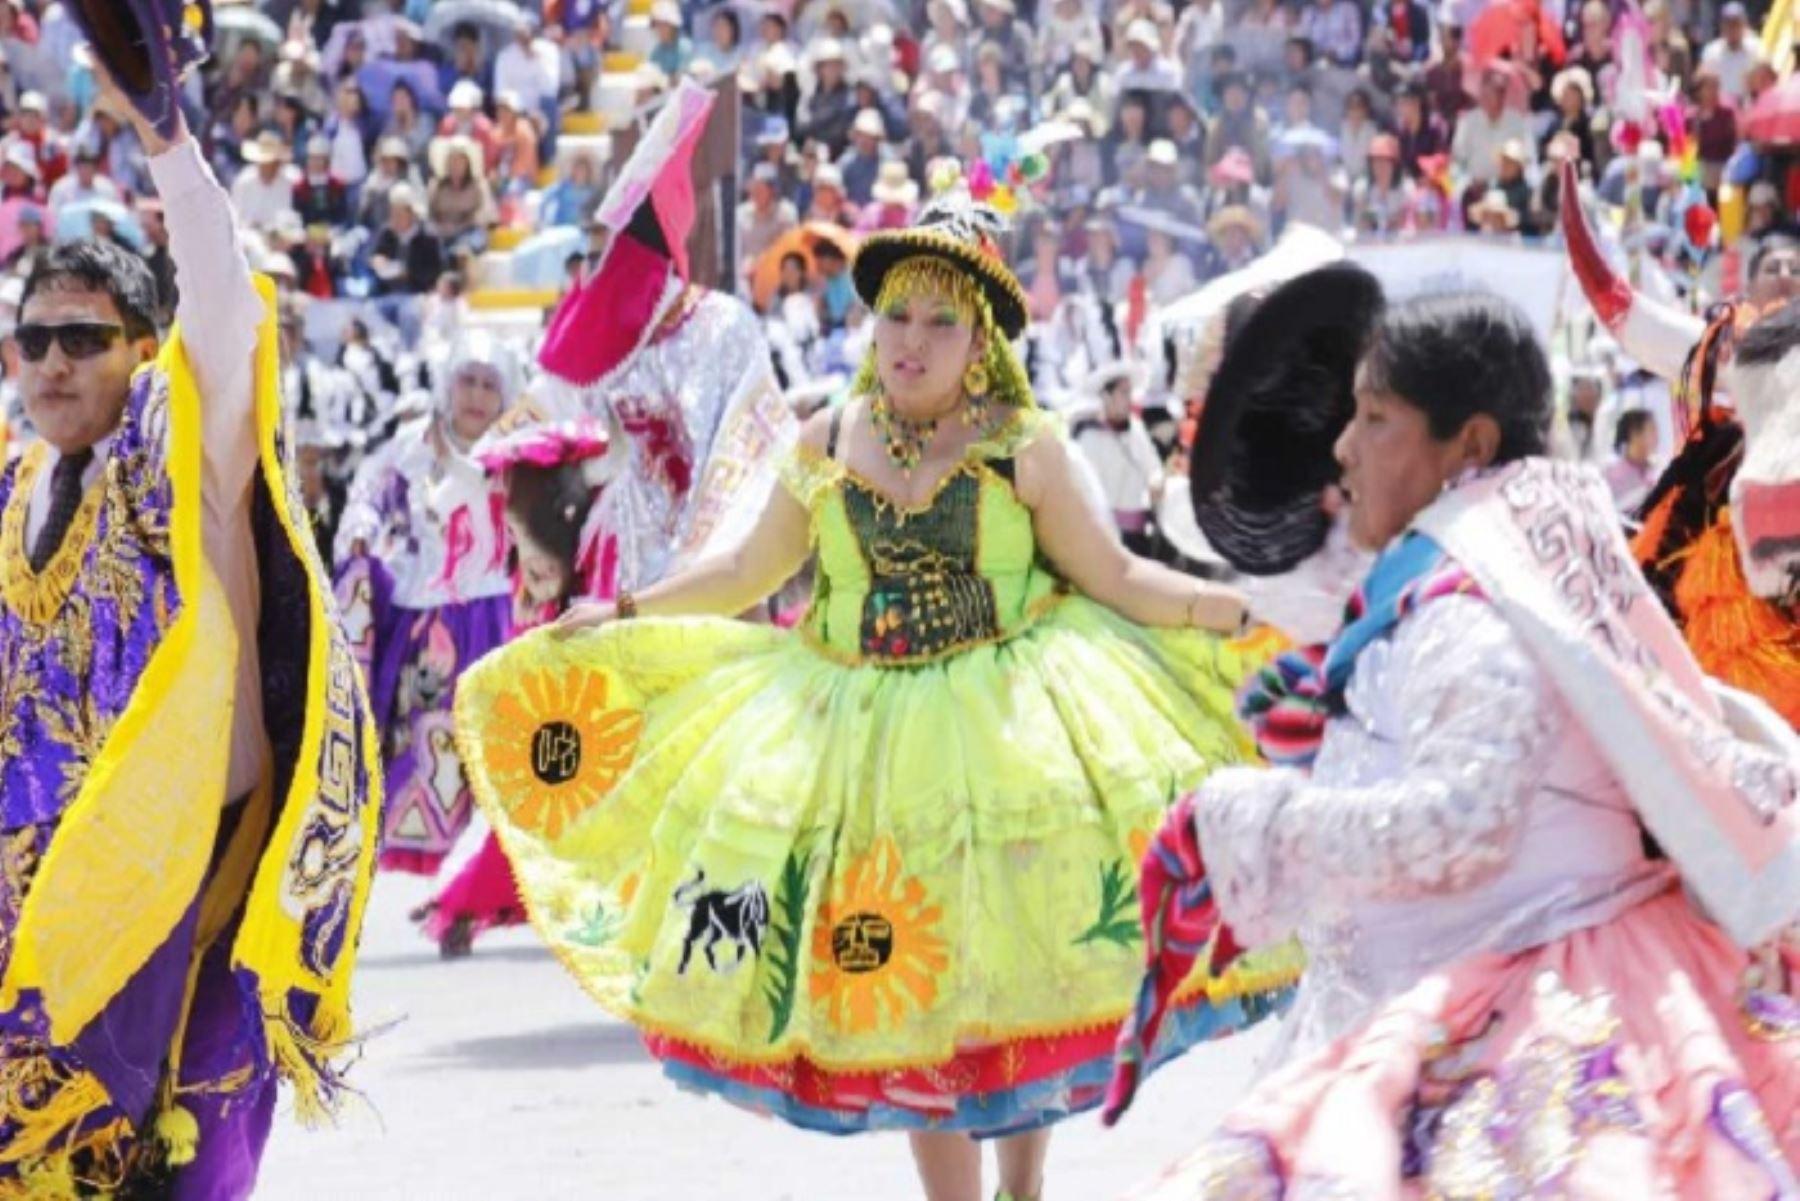 La Festividad de la Virgen de la Candelaria no sólo es religiosidad, música y danza, sino también dinamiza la economía local. Según la Cámara de Comercio y la Producción de Puno, hoy domingo 10, lunes 11 y martes 12 de febrero esta celebración generará 113' 596 729 soles.